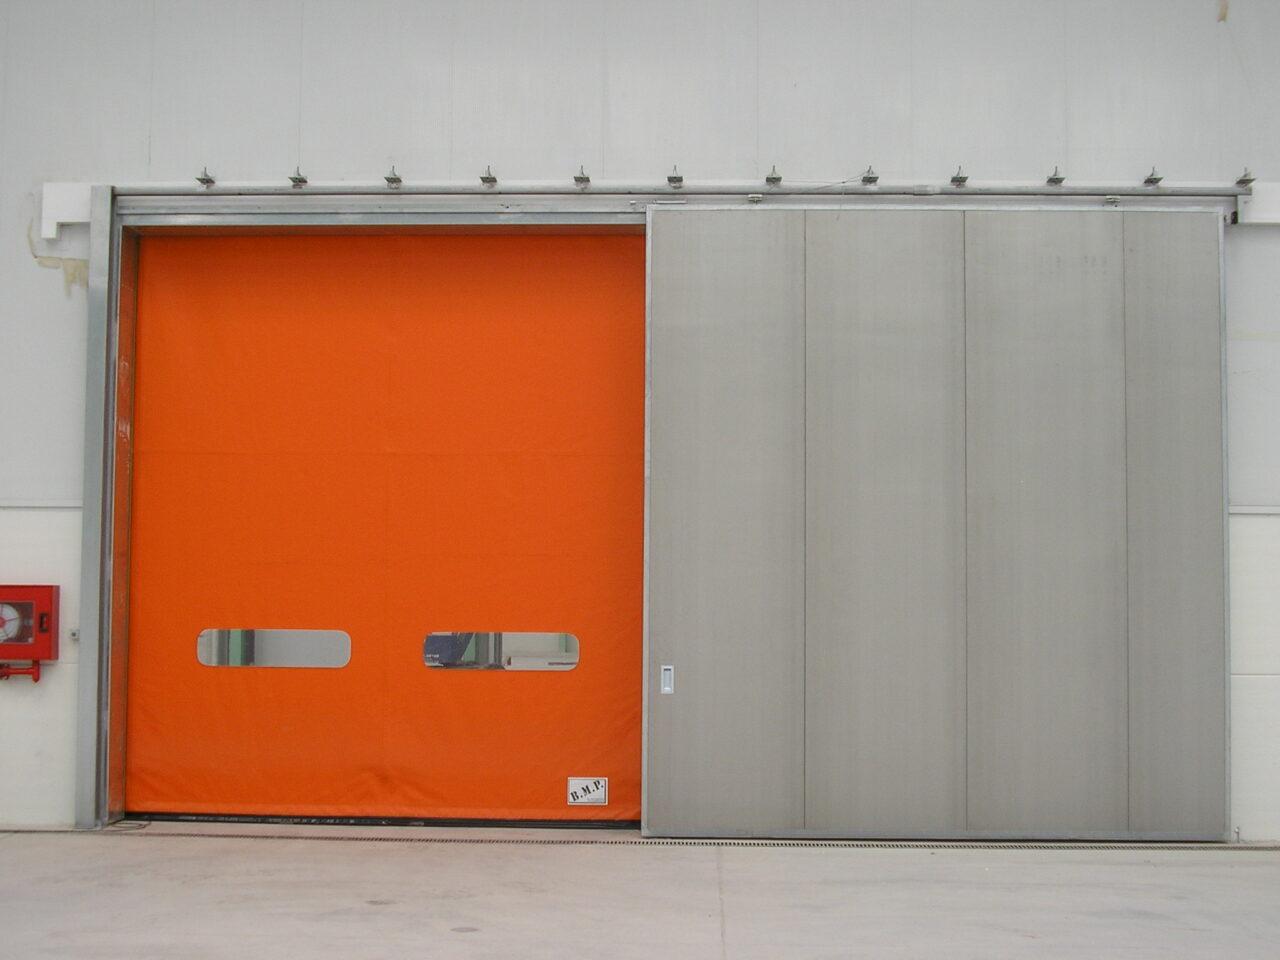 Puertas cortafuegos correderas